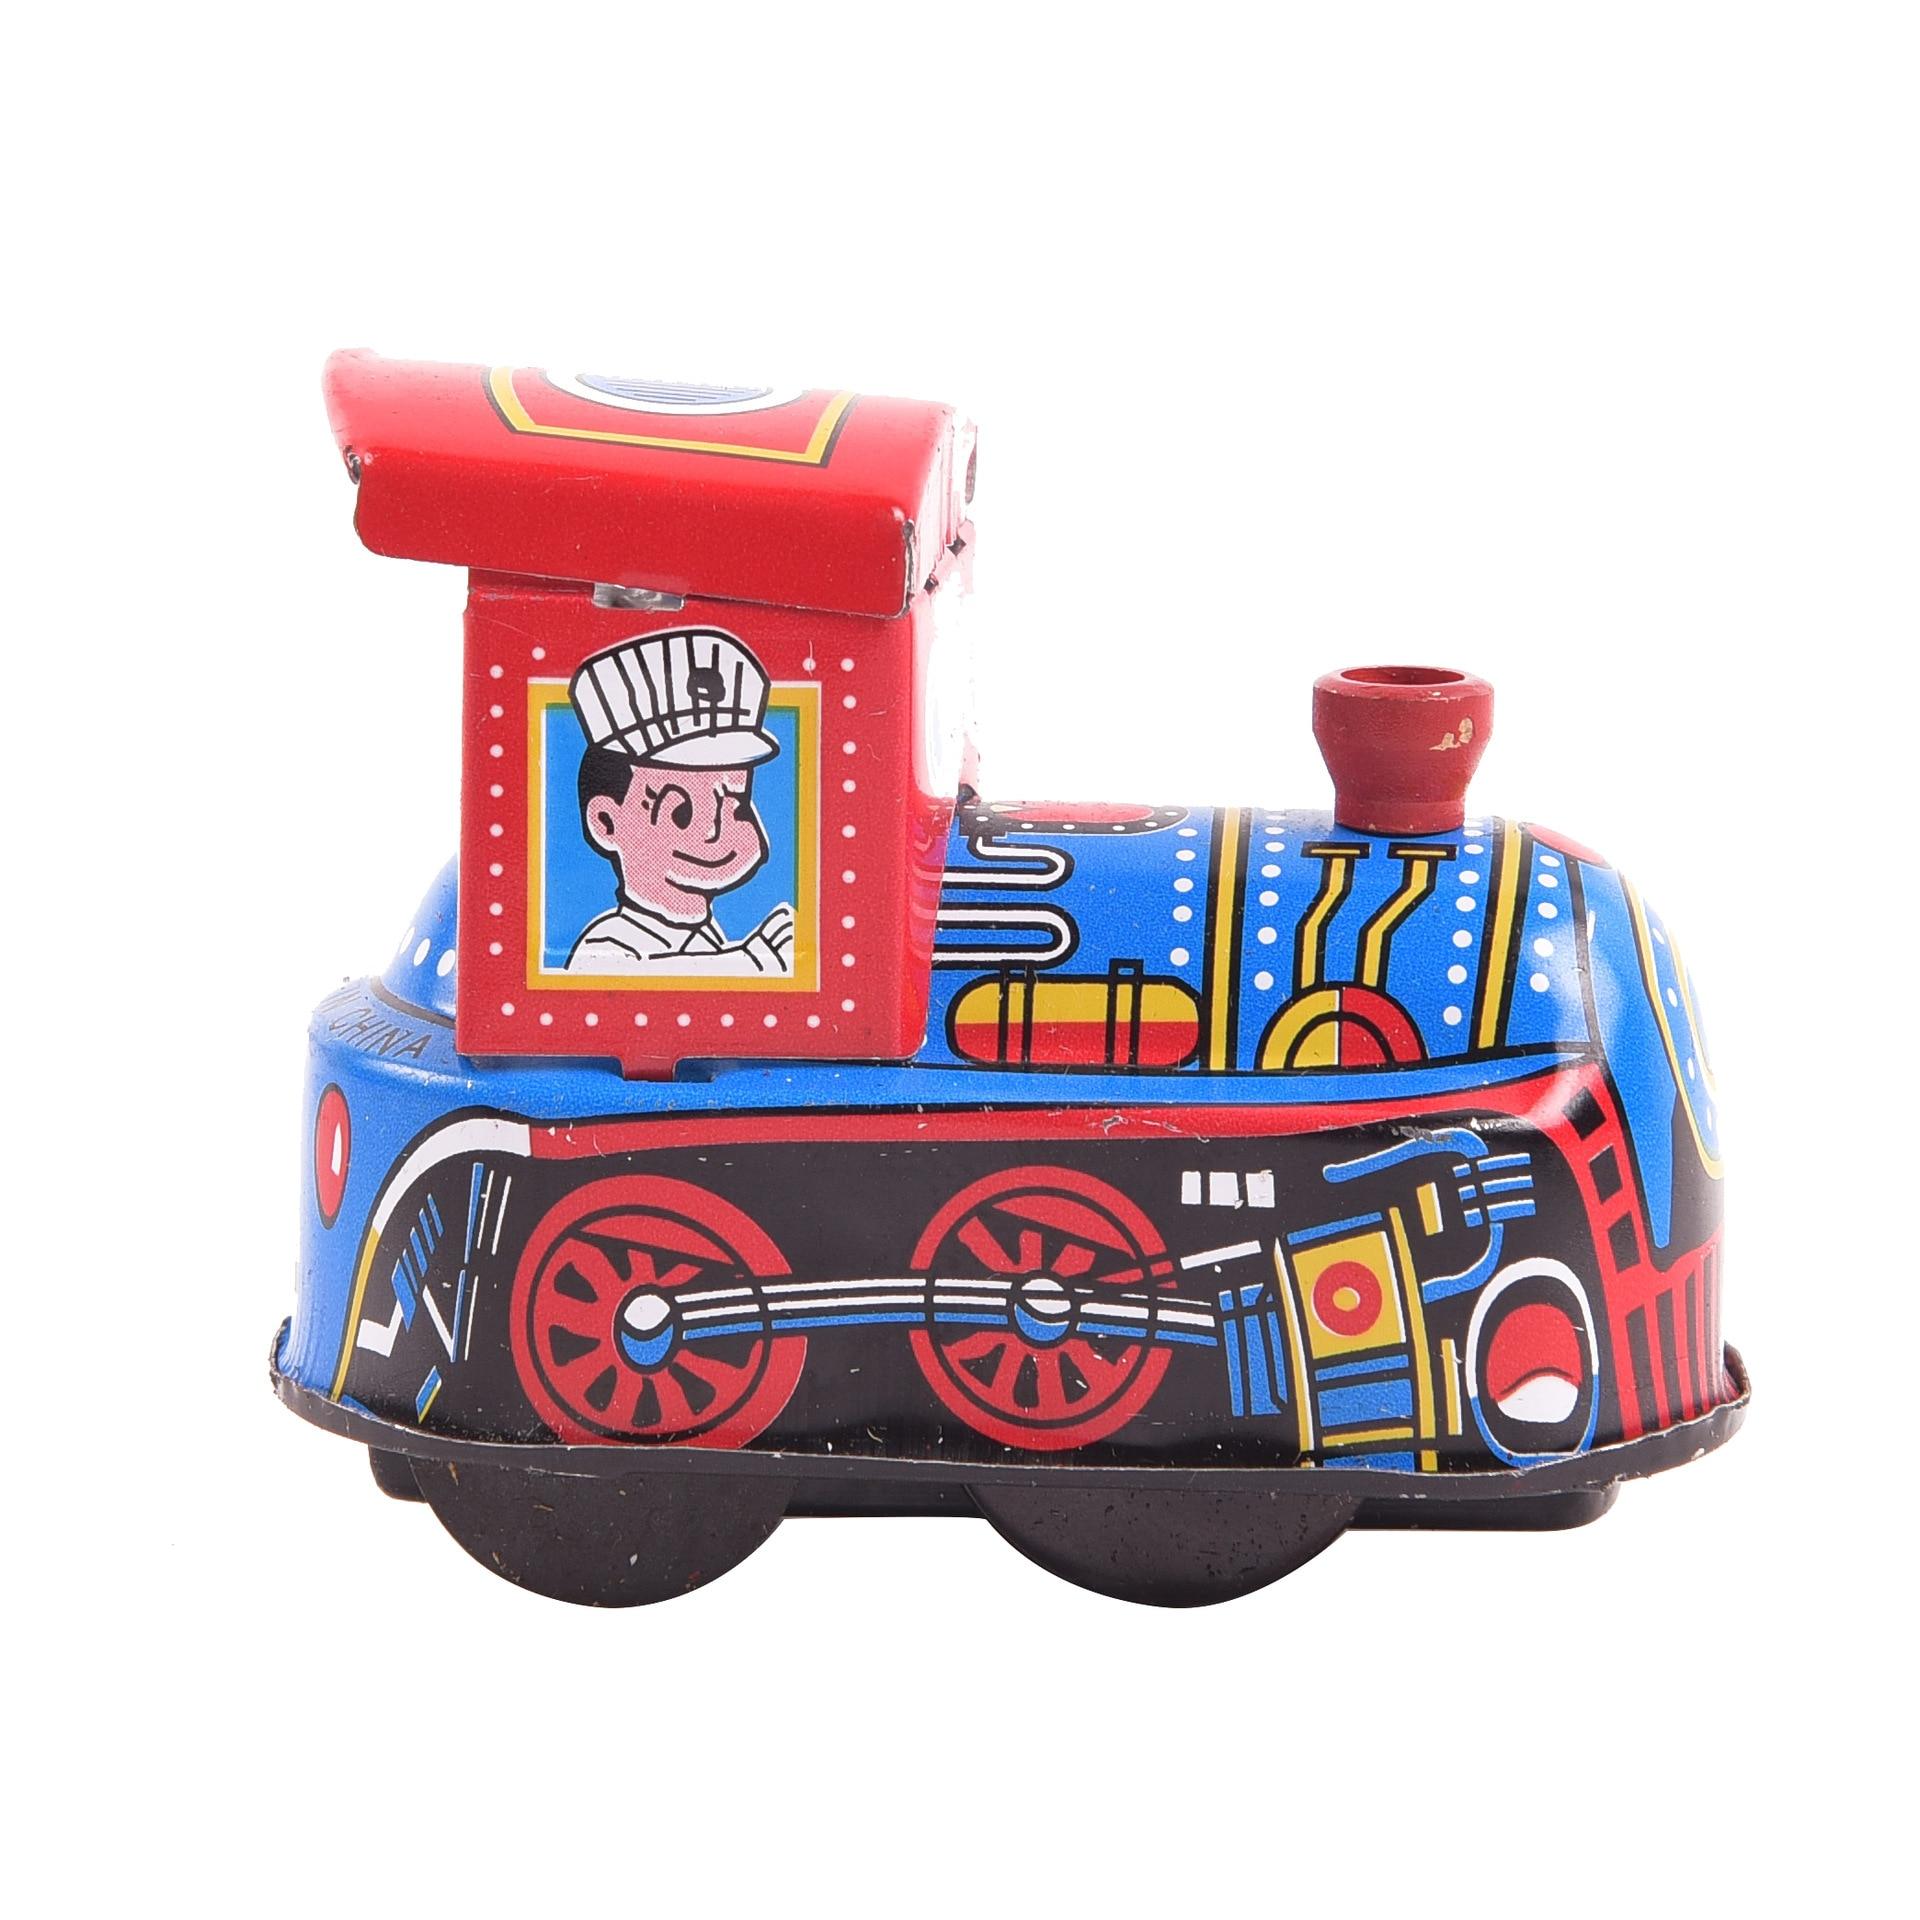 Yiwu Small Toy 80 Classic Nostalgic Retro Toy Algam Locomotive